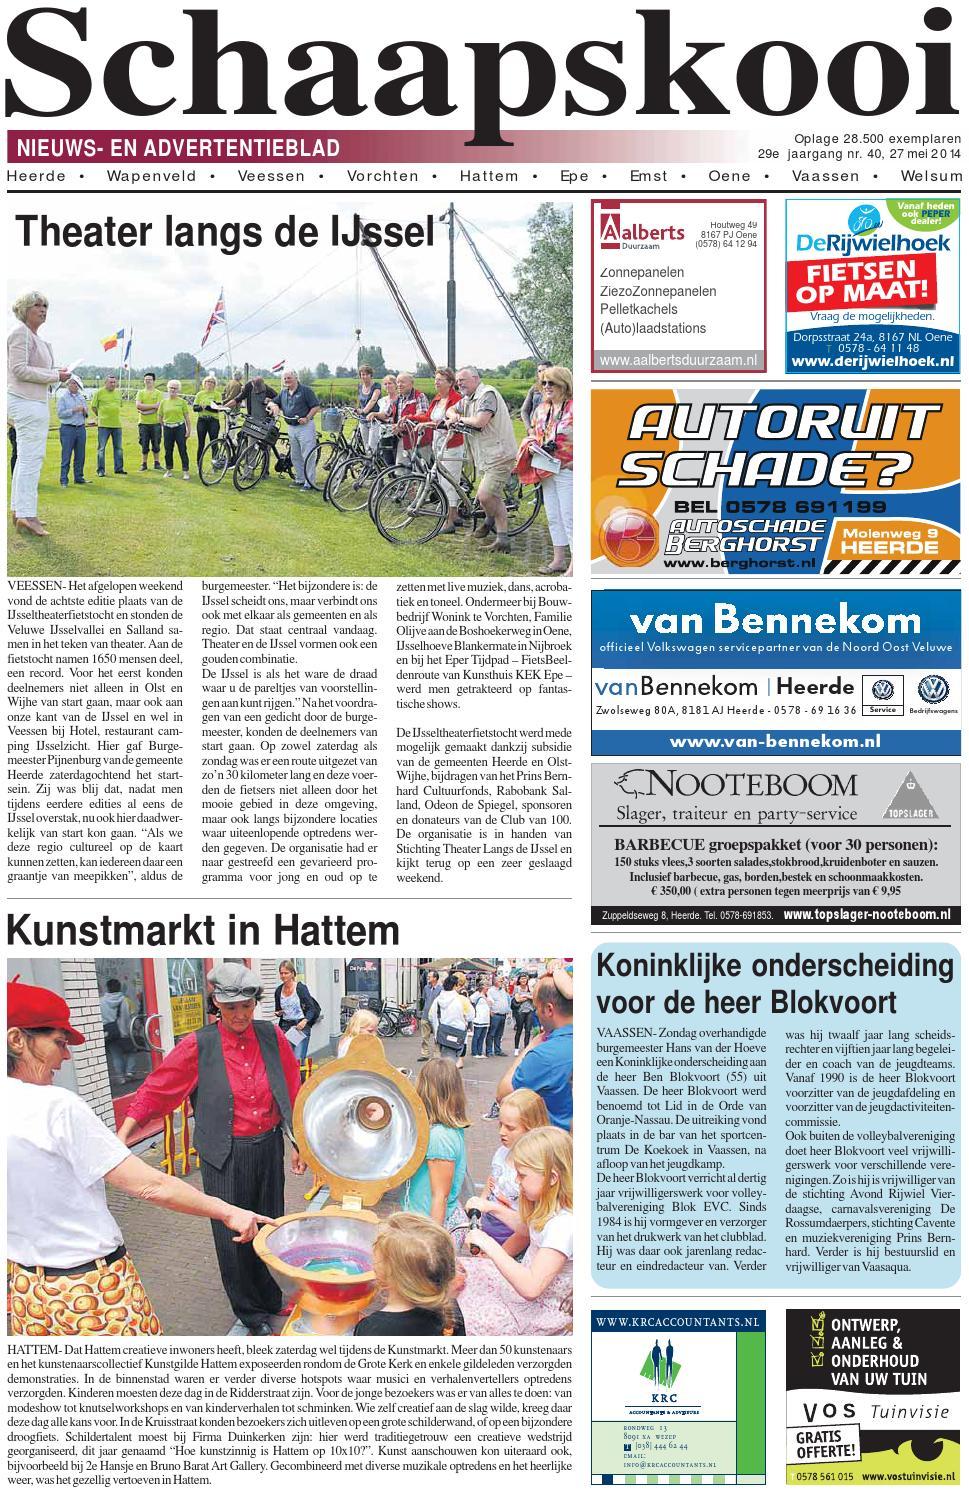 Schaapskooi week 22 2014 by schaapskooi - issuu